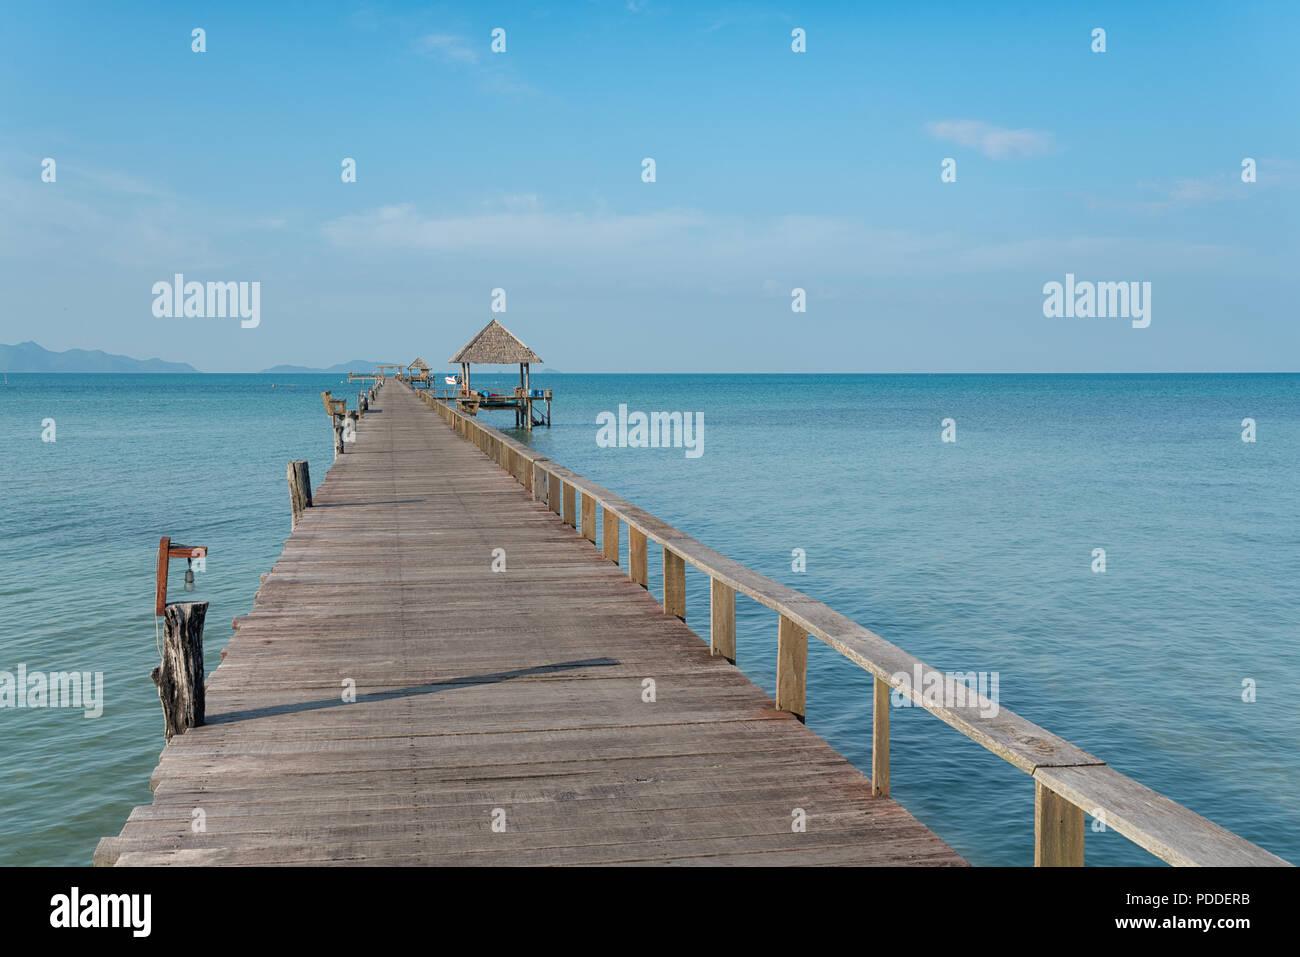 Hölzerne Seebrücke mit Boot in Phuket, Thailand. Sommer, Reisen, Ferien und Urlaub. Stockbild